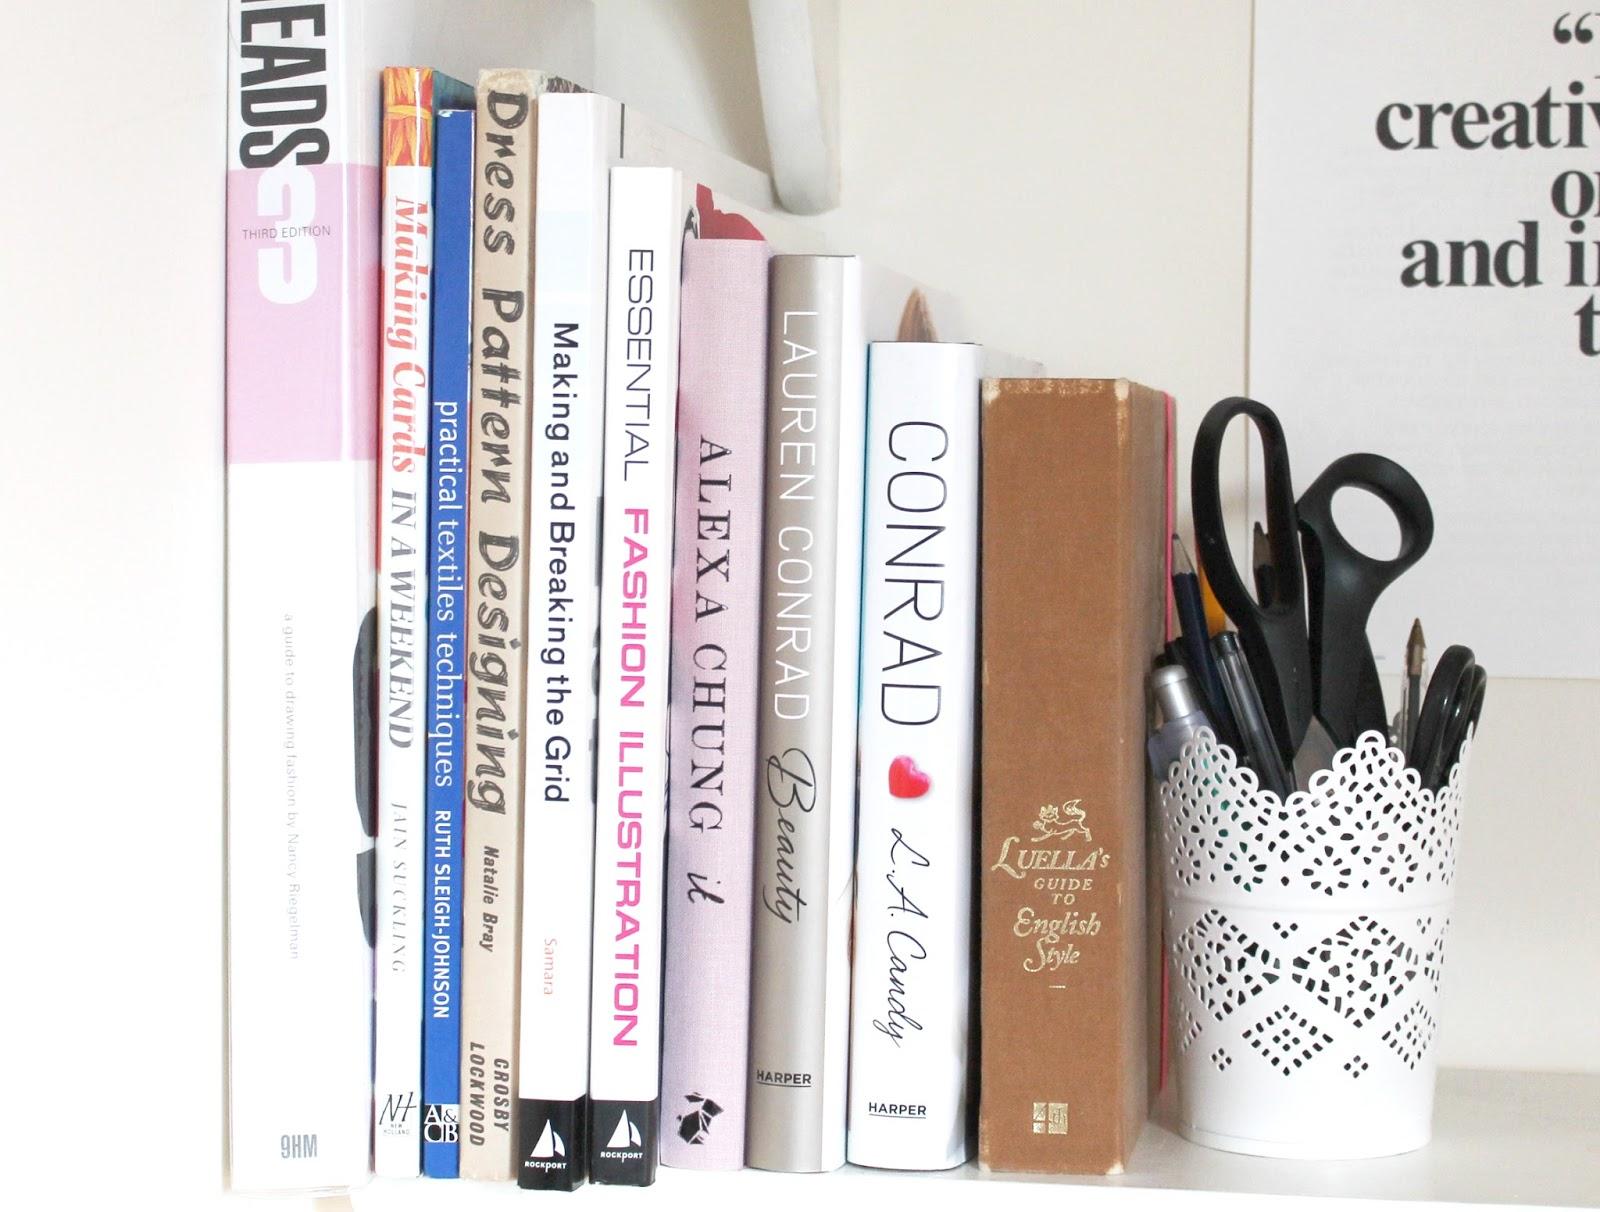 Fashion/Beauty Book Shelf Details